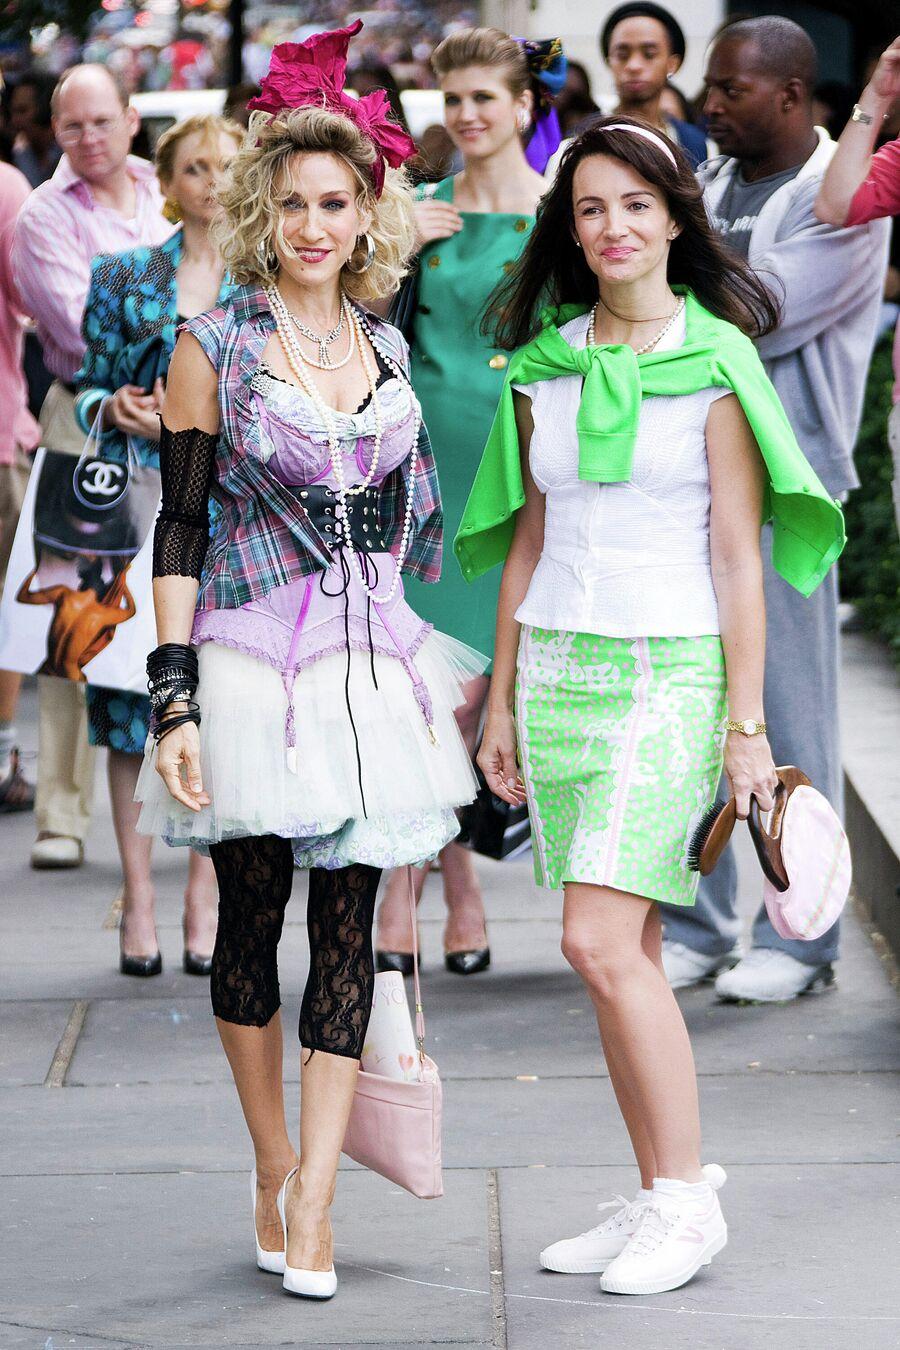 Сара Джессика Паркер и Кристен Дэвис на съемках фильма Секс в большом городе 2 в Нью-Йорке